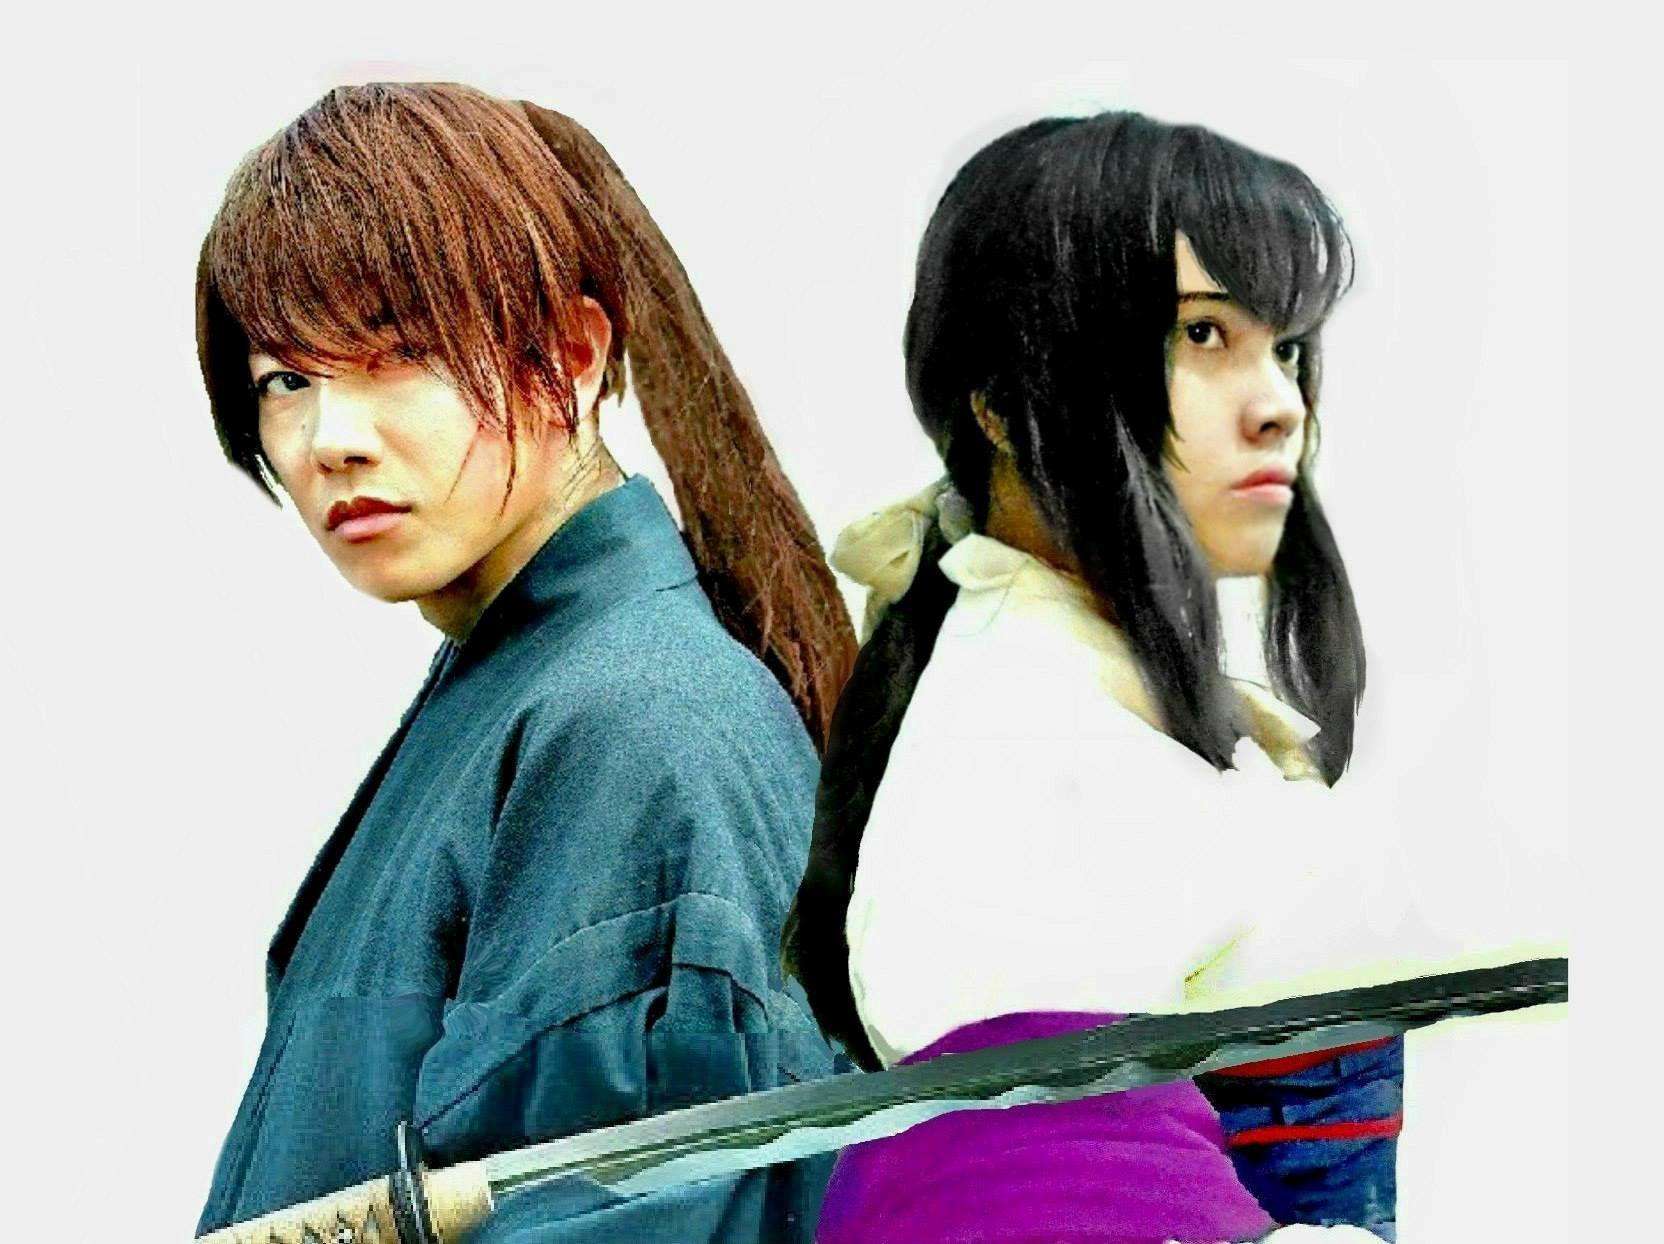 Rurouni Kenshin 4 Kenshin and Tomoe るろうに剣心 4 剣心 と